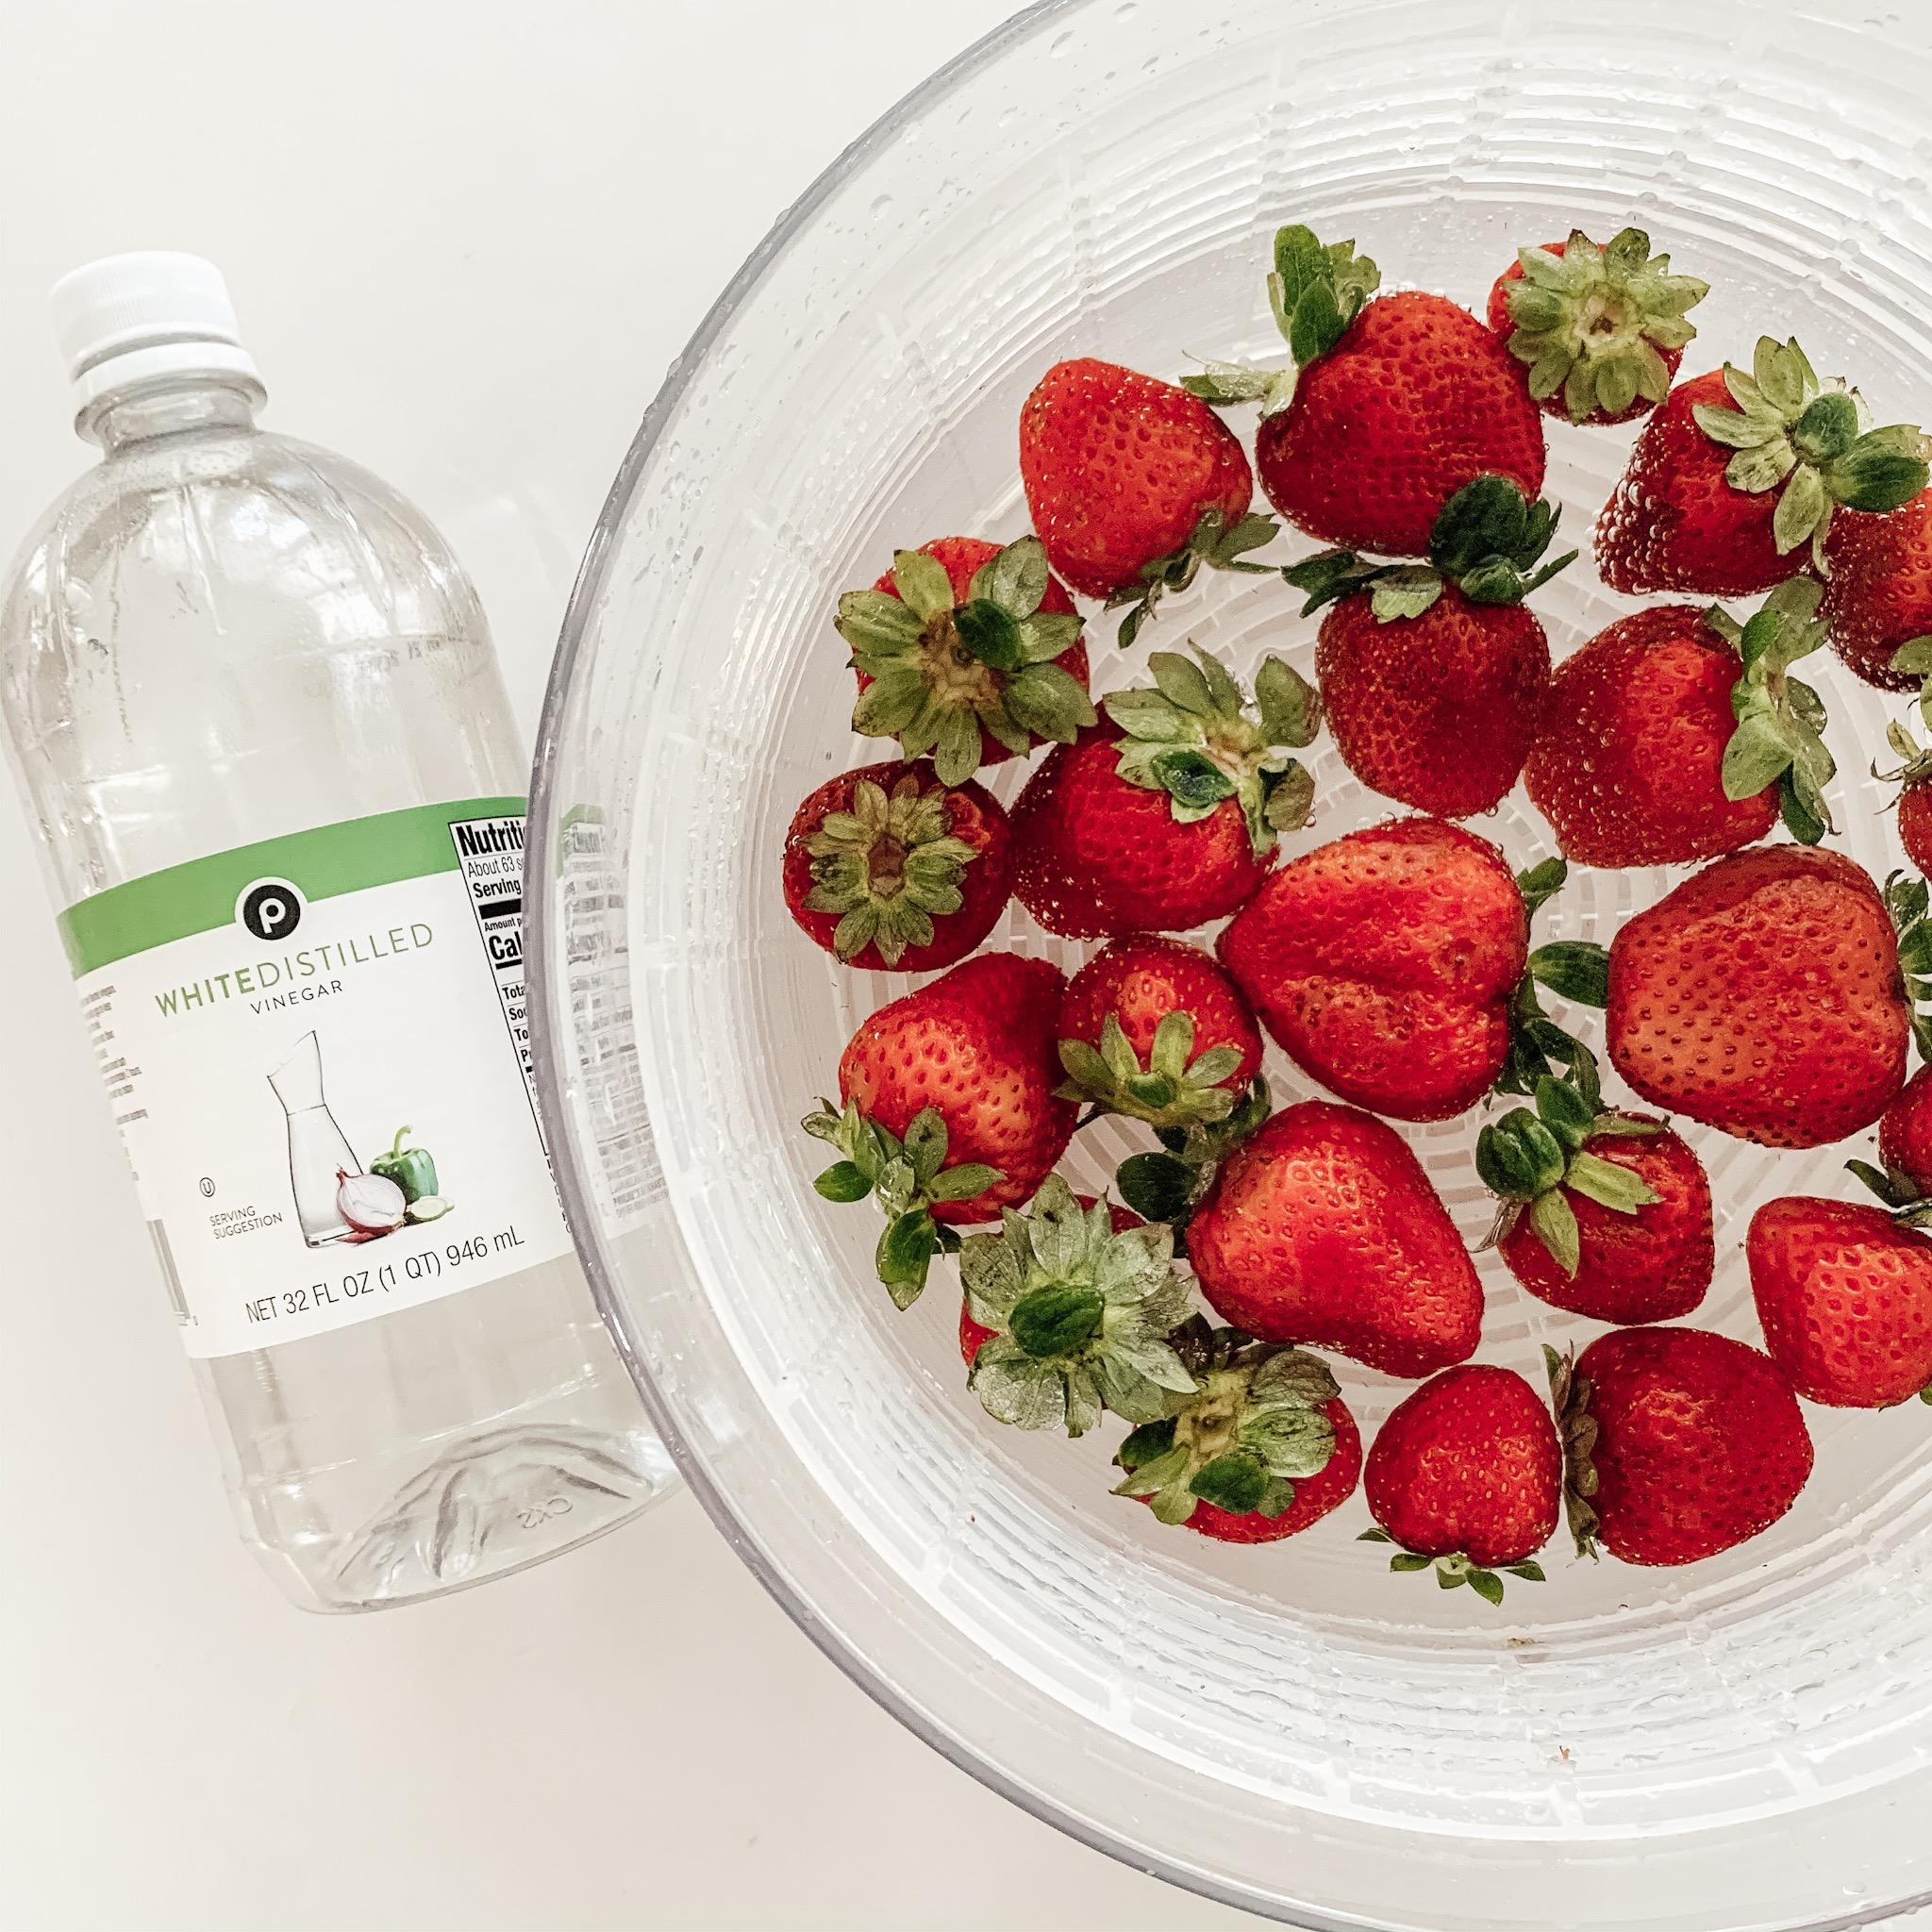 washing strawberries in distilled white vinegar